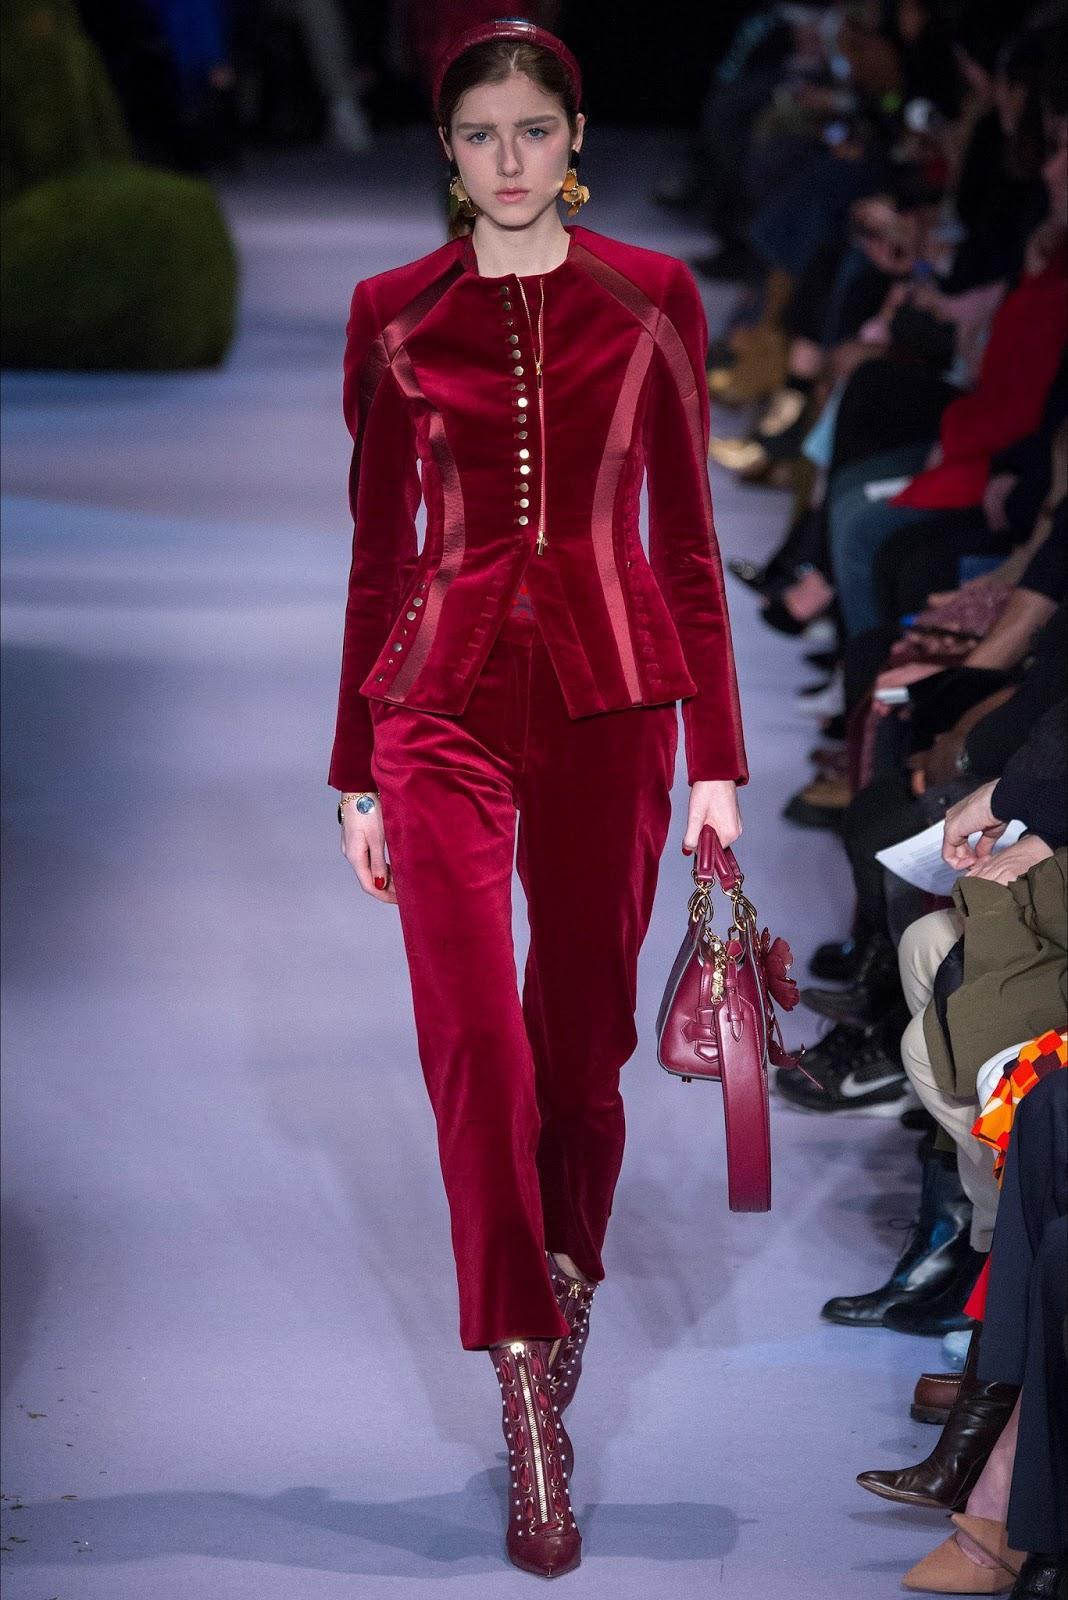 Giacca avvitata e pantalone in velluto burgundy per Altuzarra 3adaa59c584